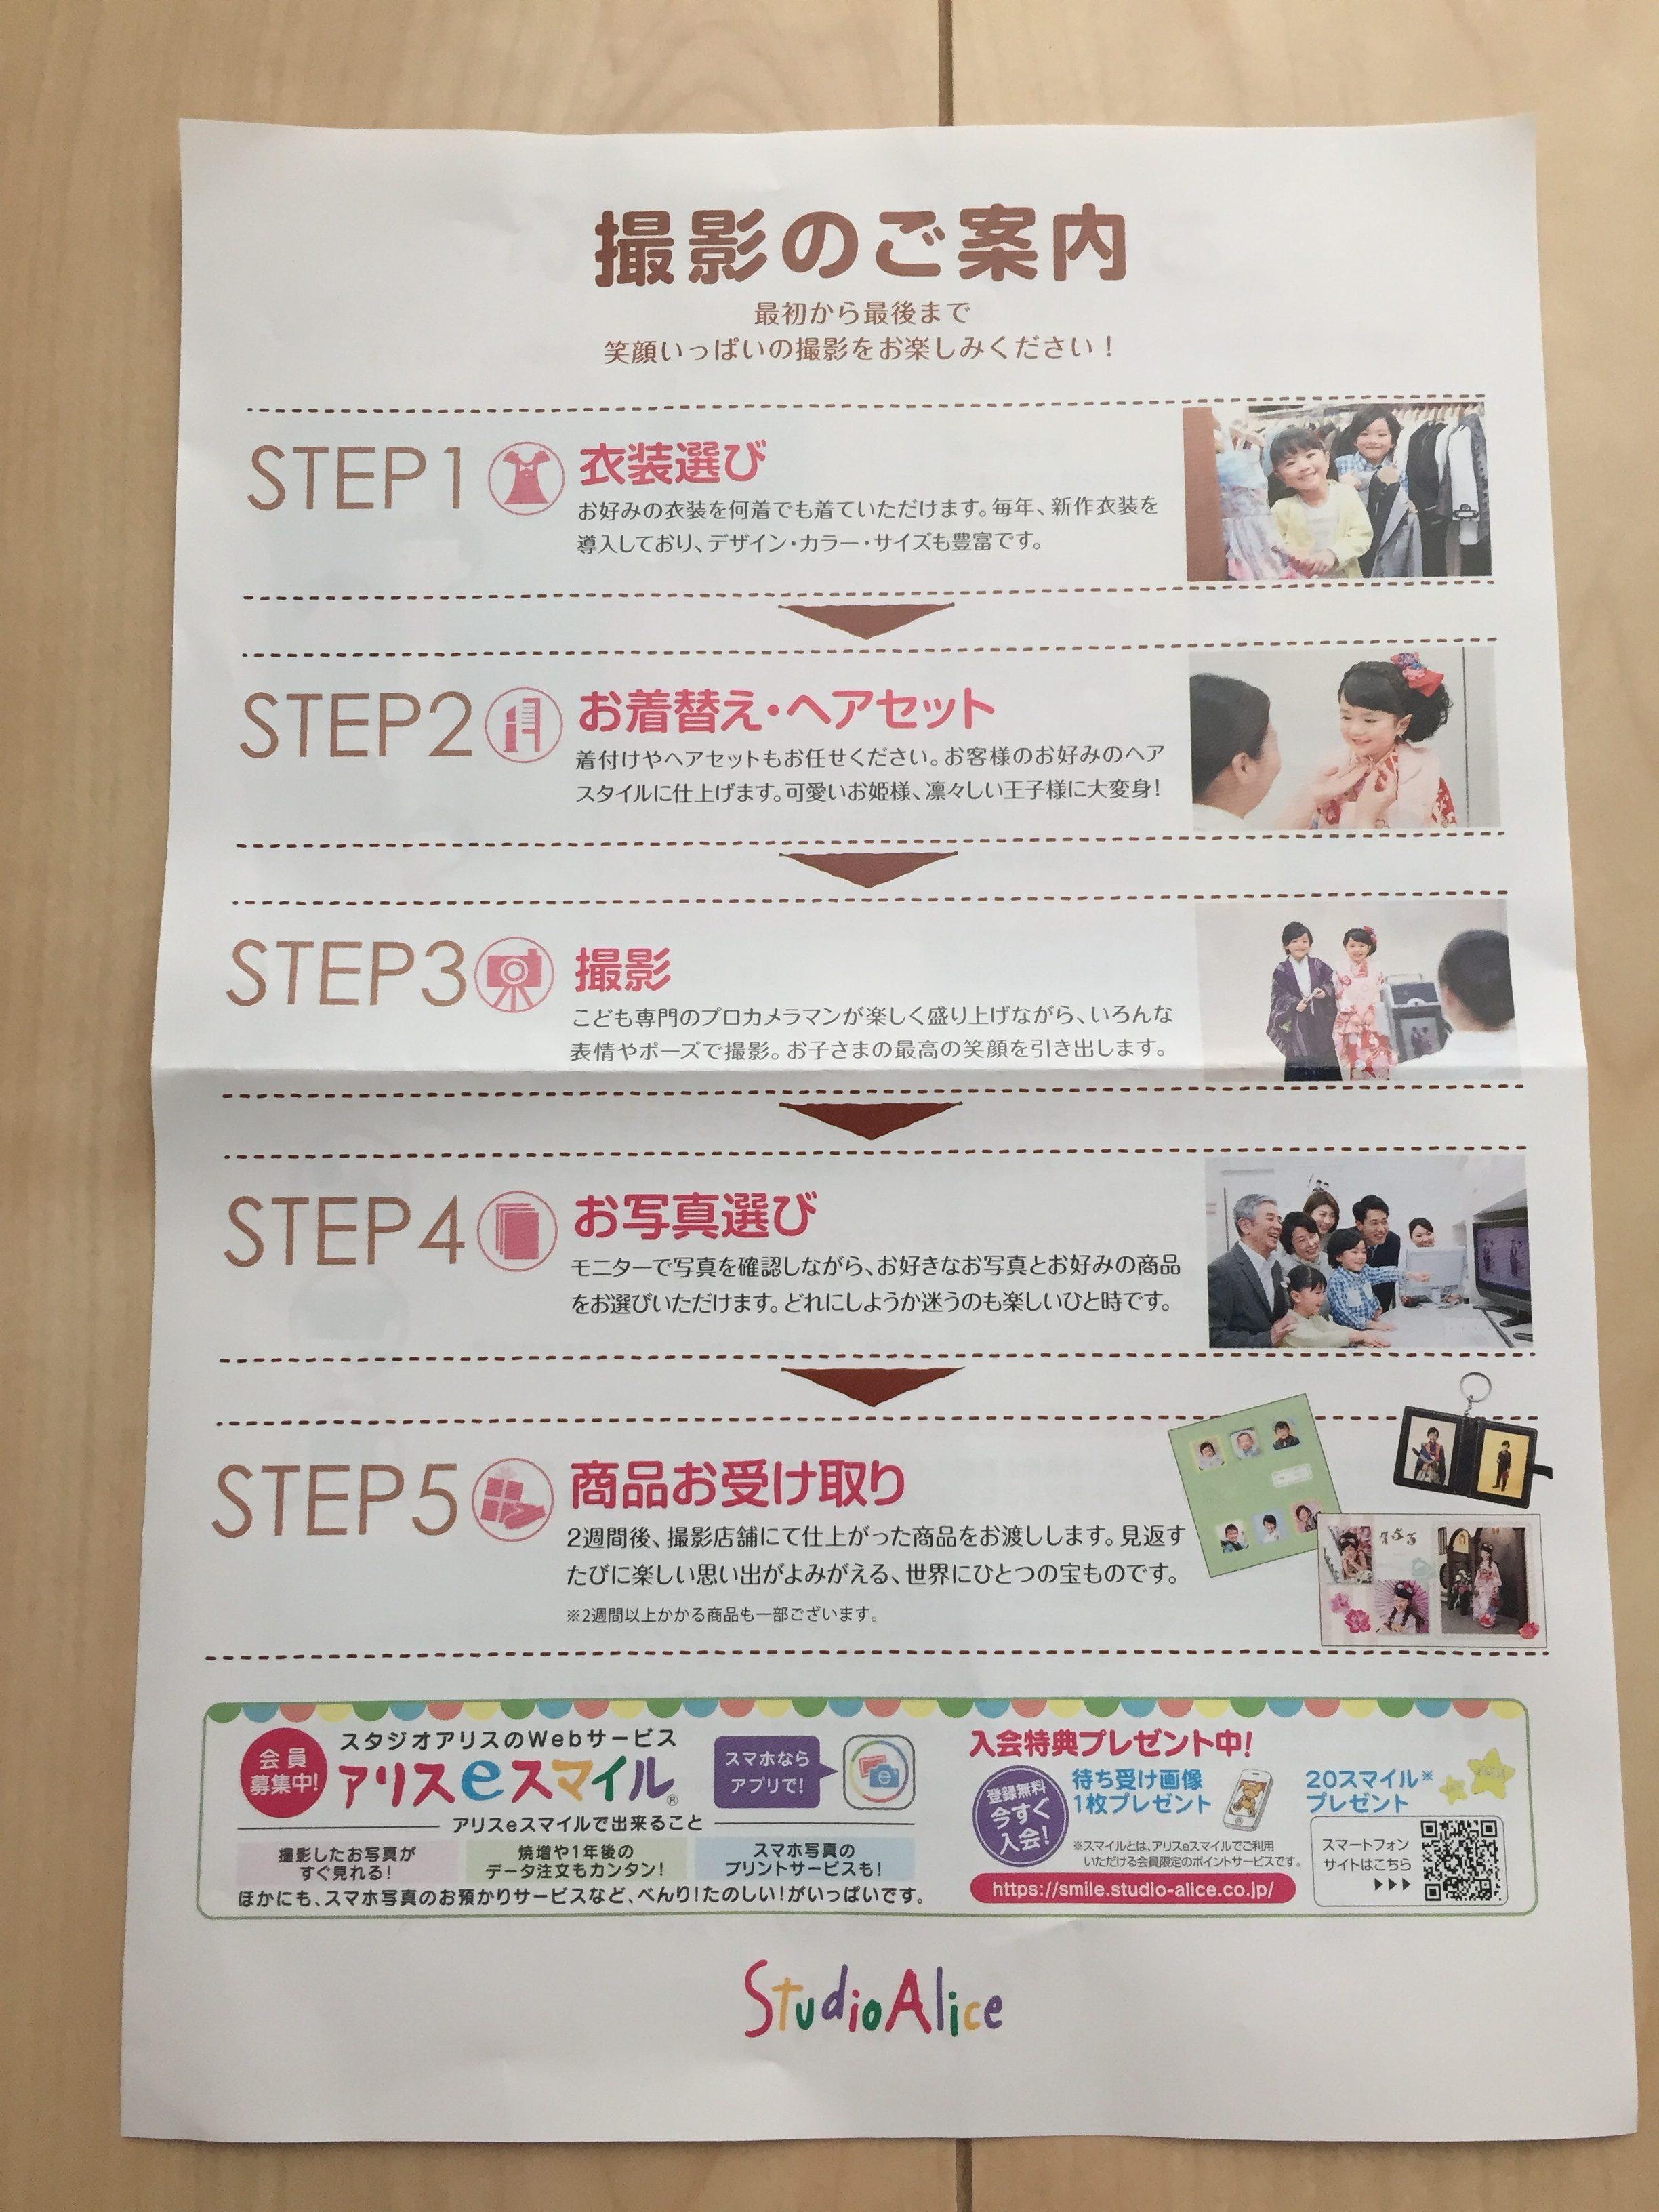 スタジオアリス 口コミ